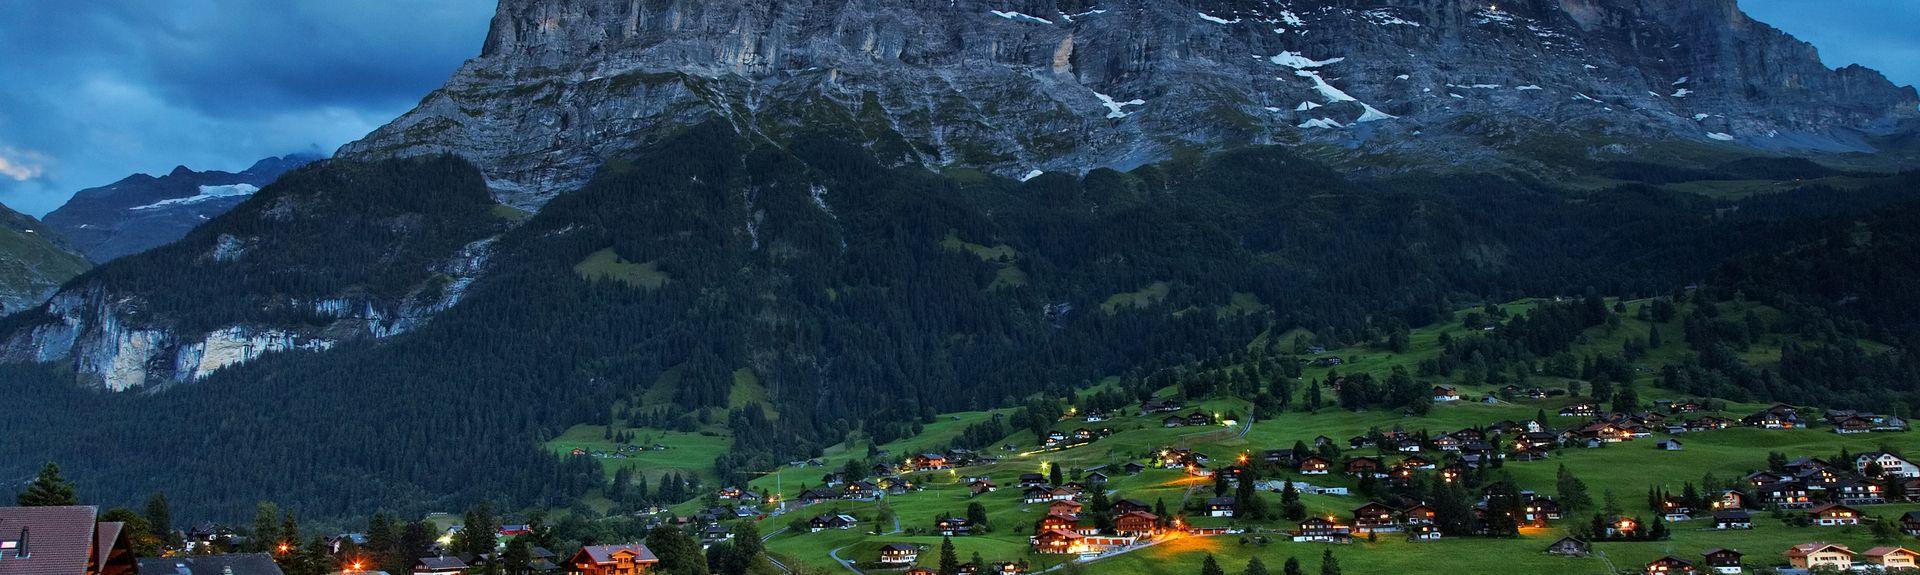 Grindelwald, Kanton Berno, Szwajcaria